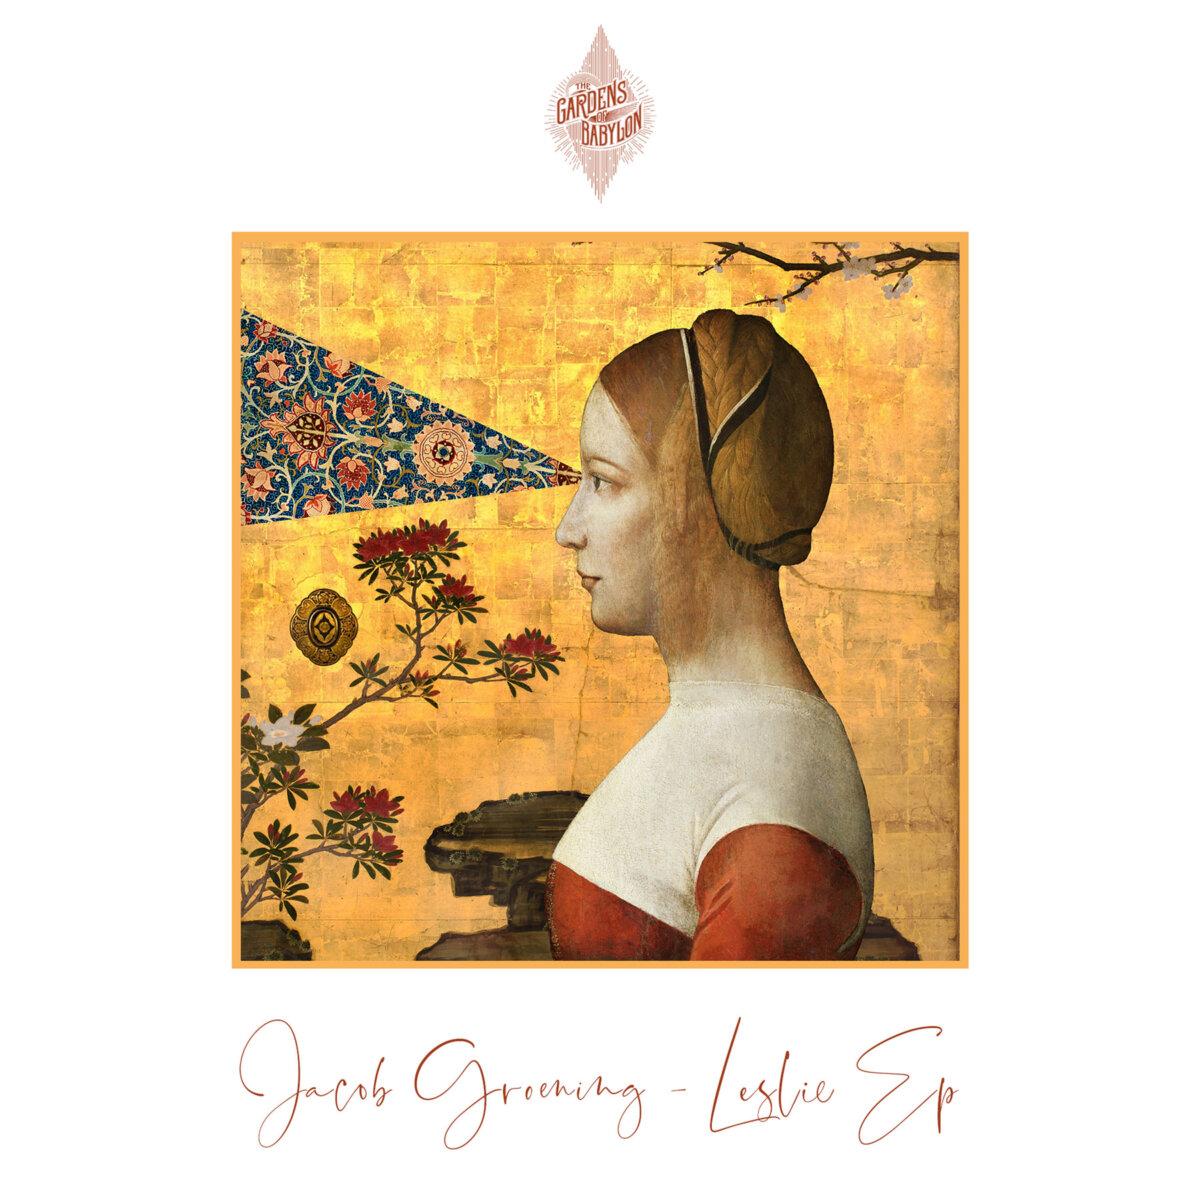 jacob groening, leslie ep, jacob groening leslie ep, the gardens of babylon